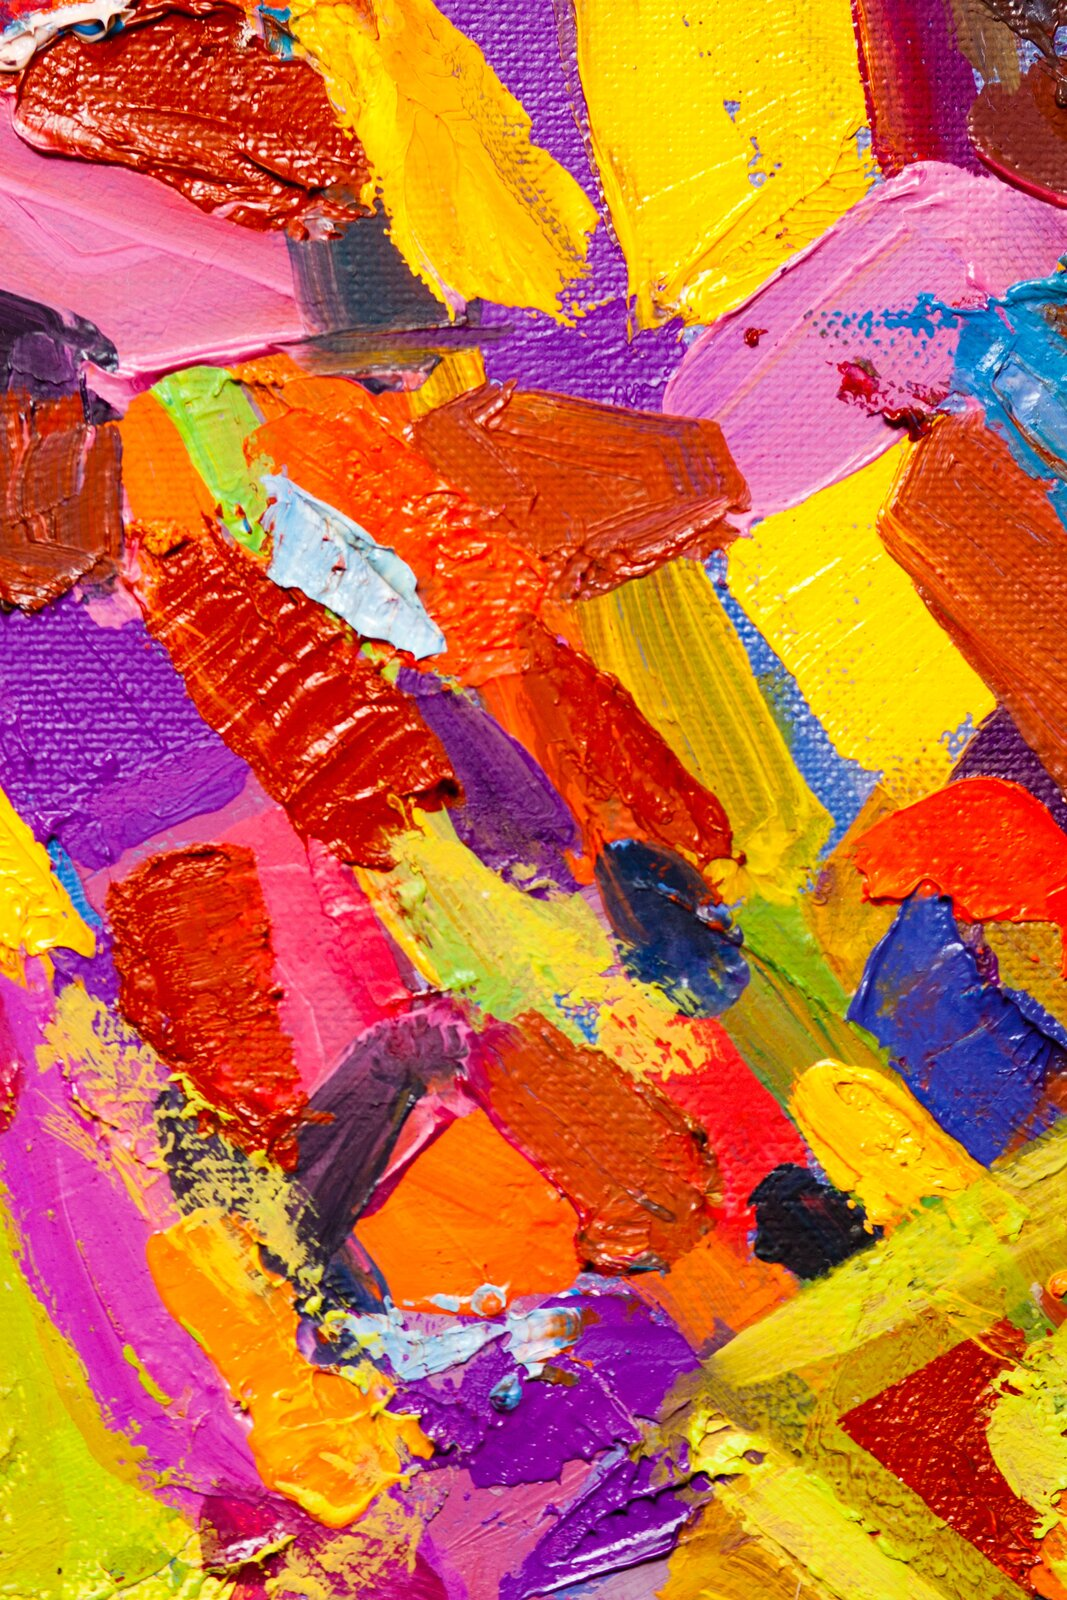 Ilustracja ukazuje fotografię plam barwnych naniesionych pędzlem. Charakteryzują się intensywnością idominacją barw ciepłych.